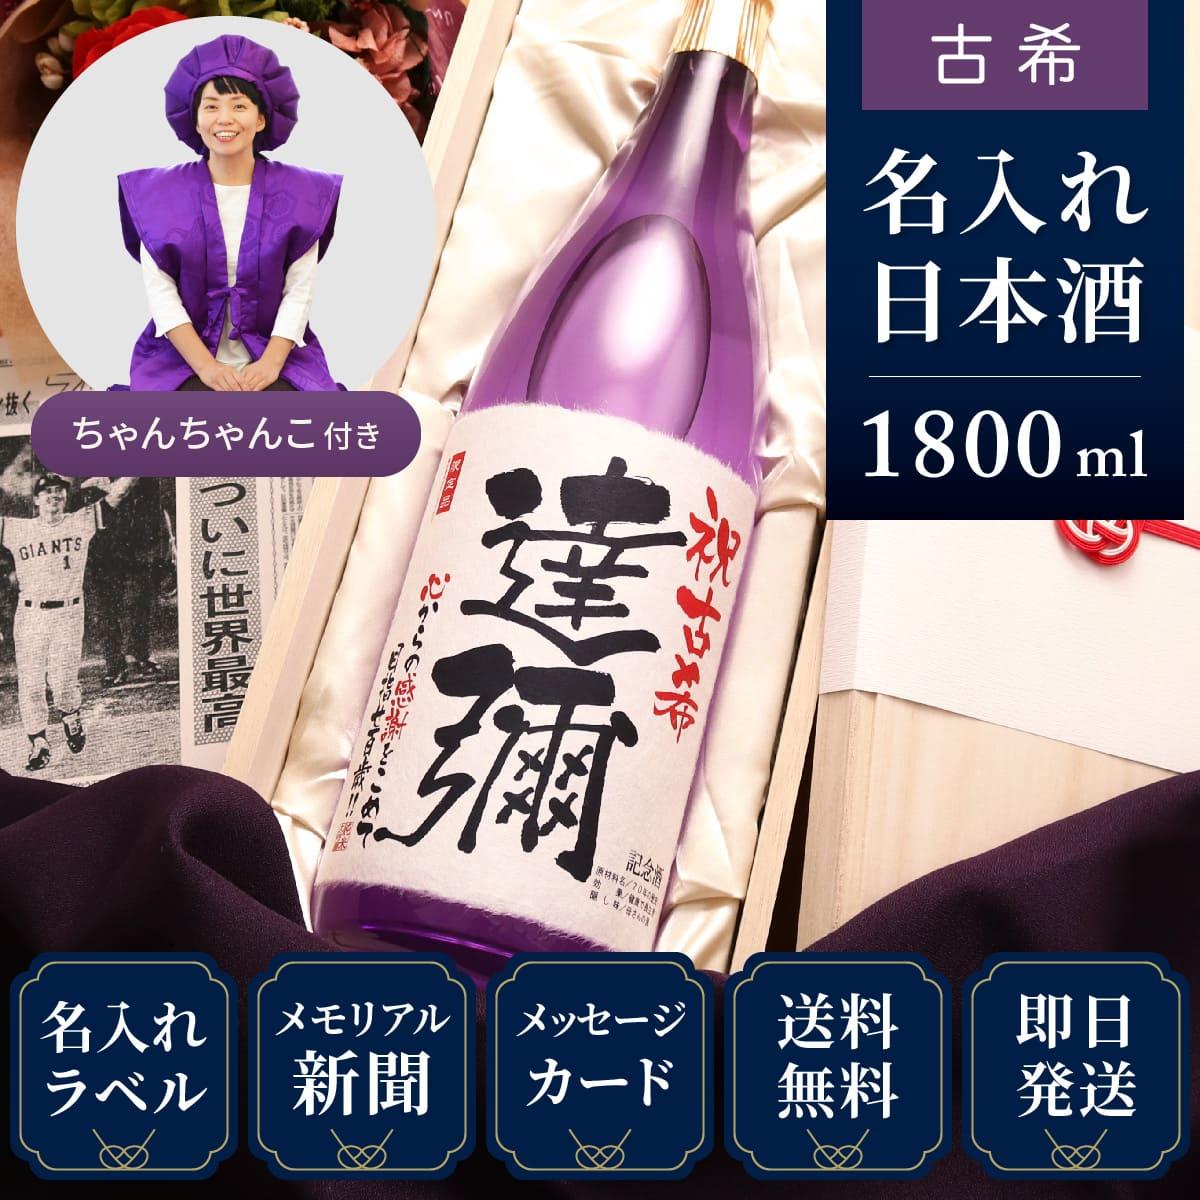 ちゃんちゃんこセット|古希のプレゼント「紫龍」父親向け贈り物(日本酒)